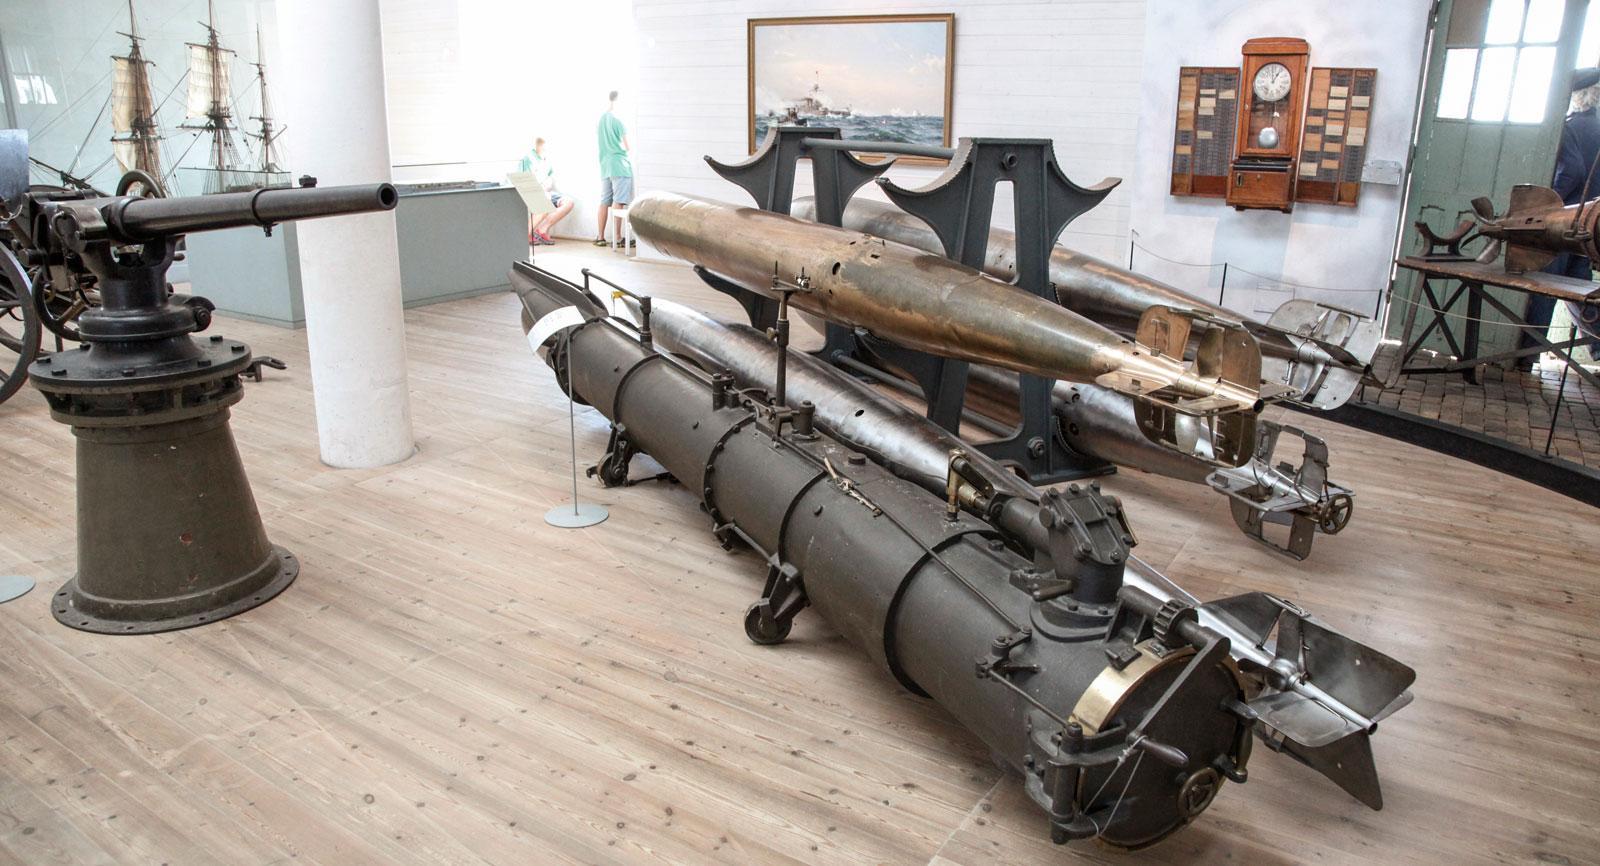 Kanoner, torpeder, missiler. Alla vapenfantaster får sitt lystmäte tillgodosett. Finns även en avdelning med dåtida handeldsvapen.